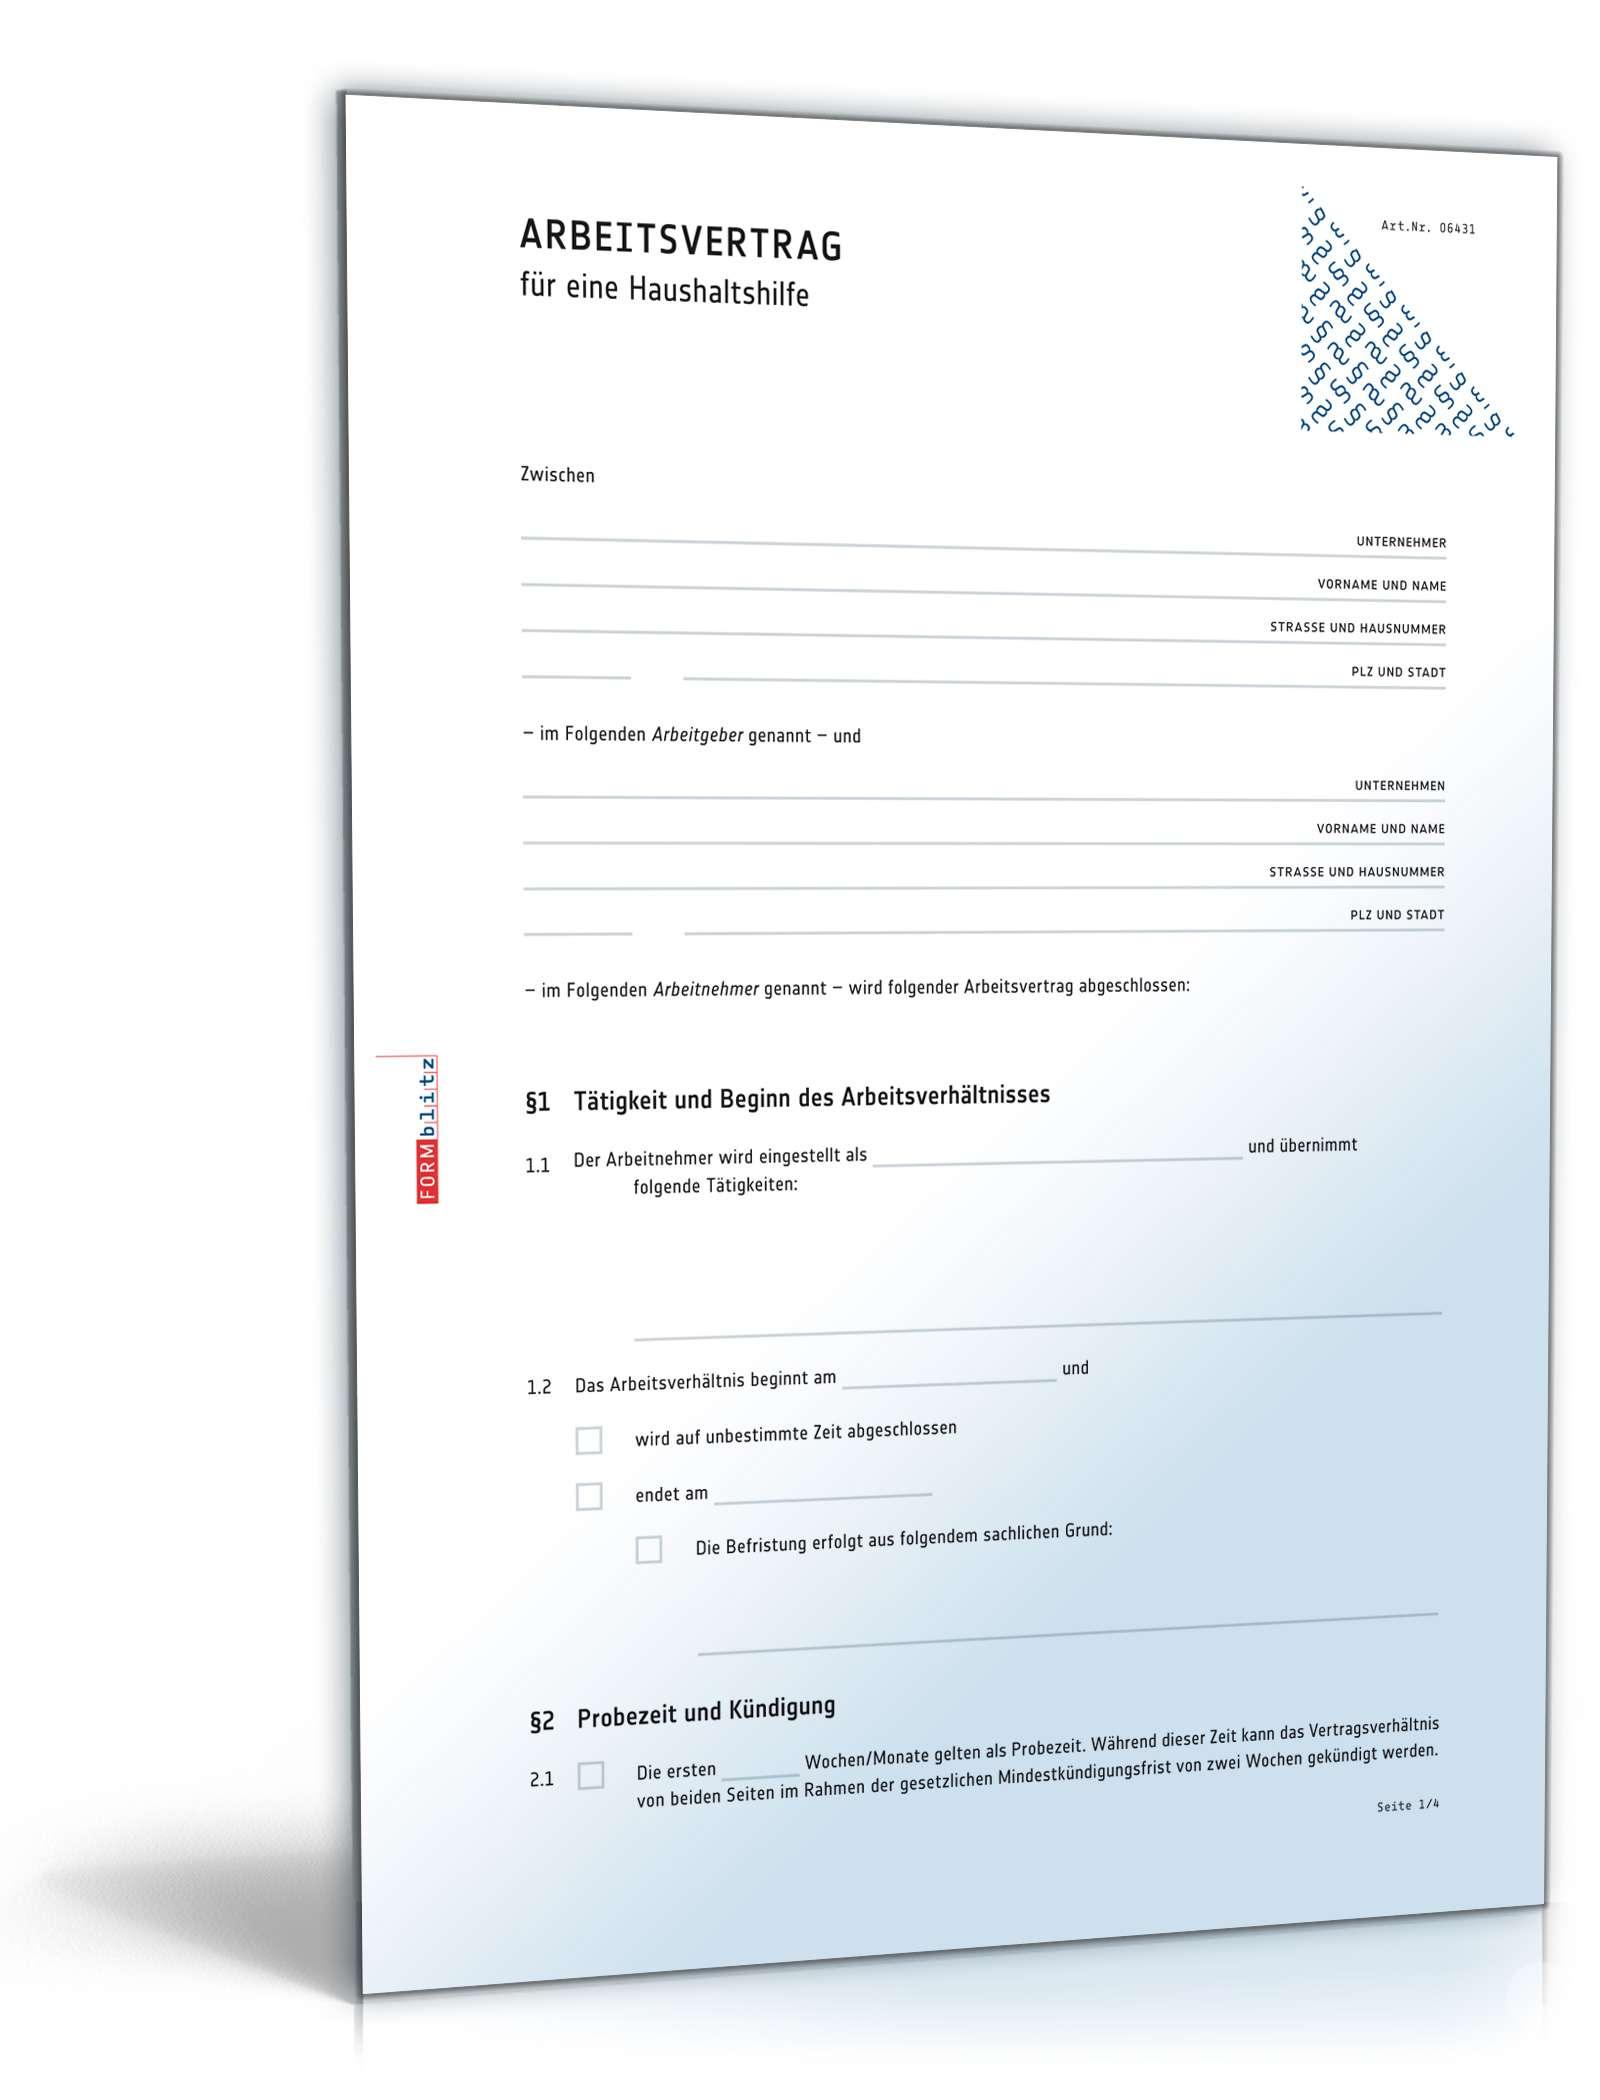 Arbeitsvertrag Haushaltshilfe Muster Zum Download